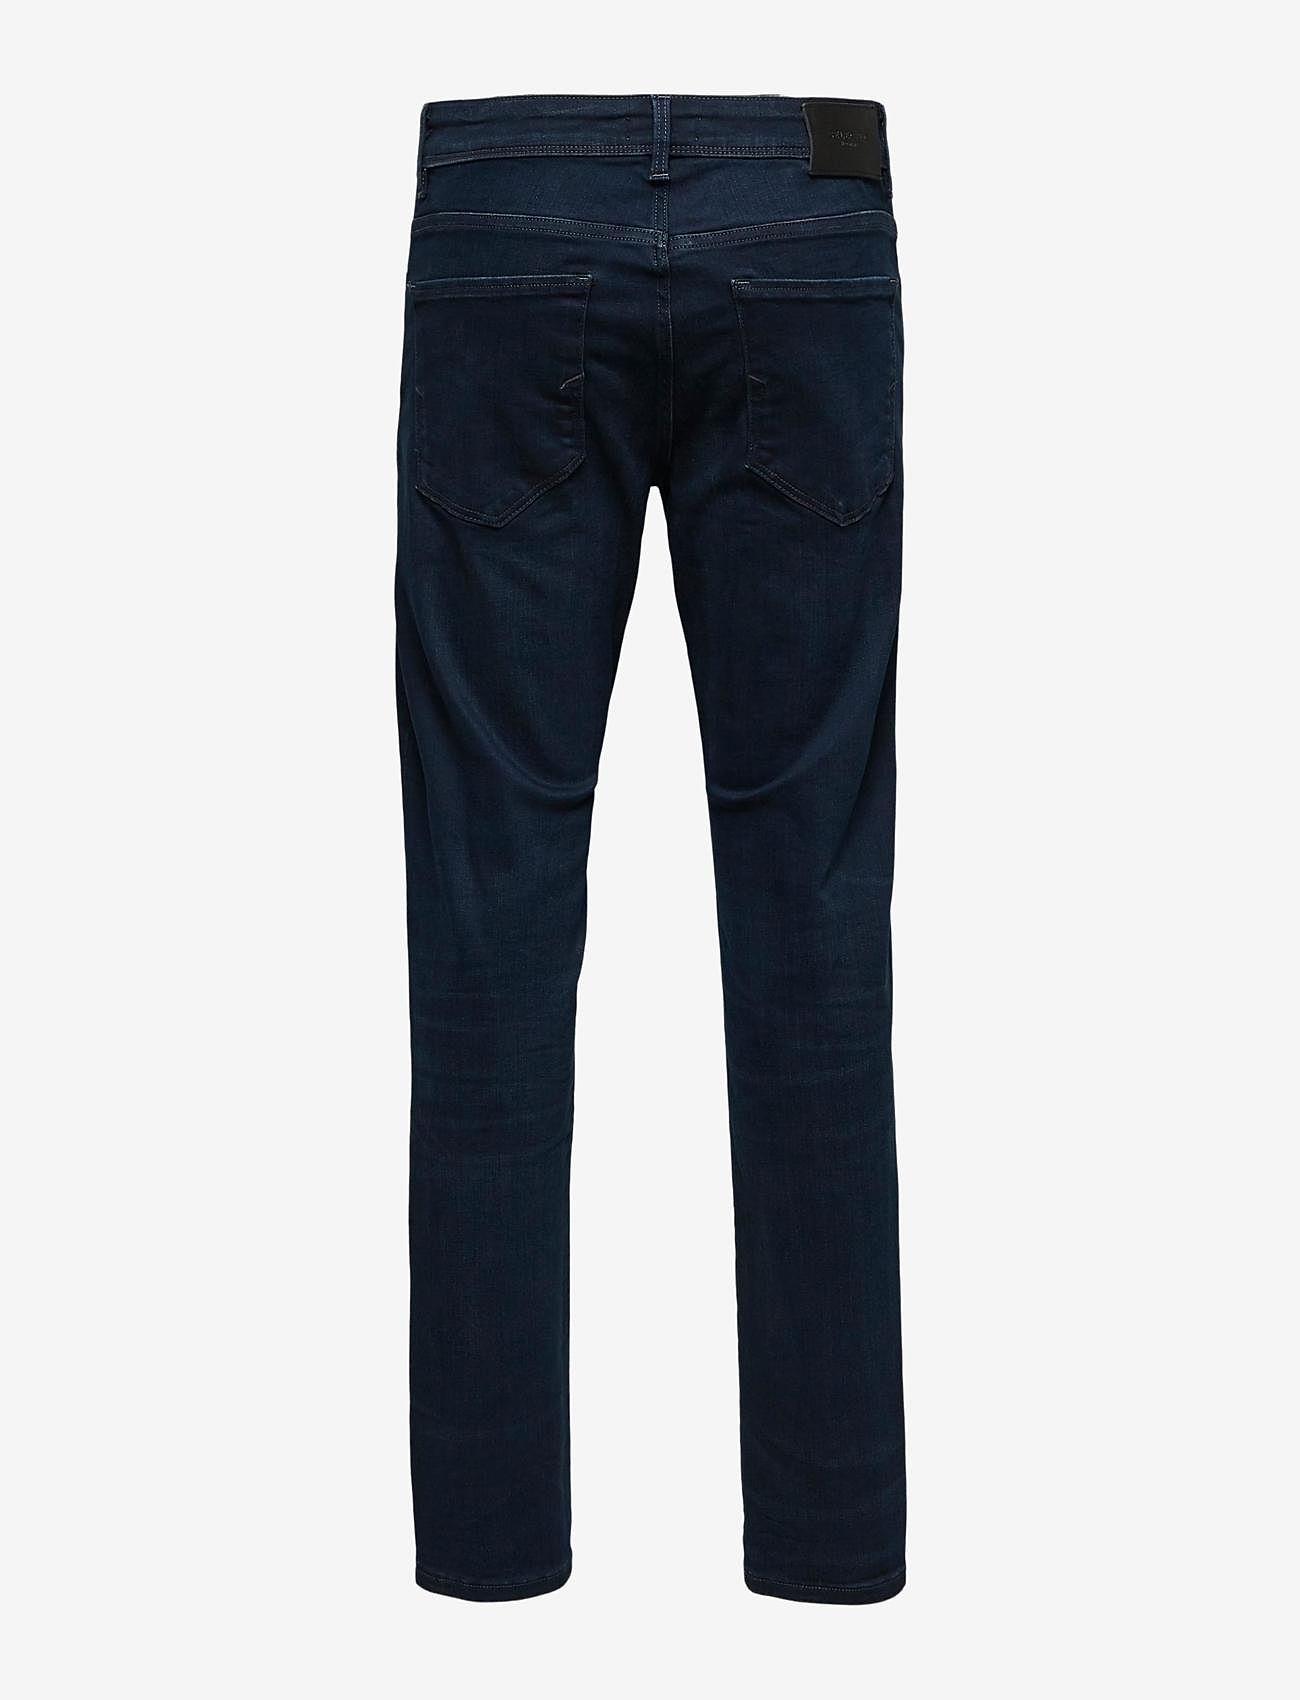 Selected Homme - SLHSTRAIGHT-SCOTT 6155 BB SU-ST JNS - regular jeans - blue black denim - 1